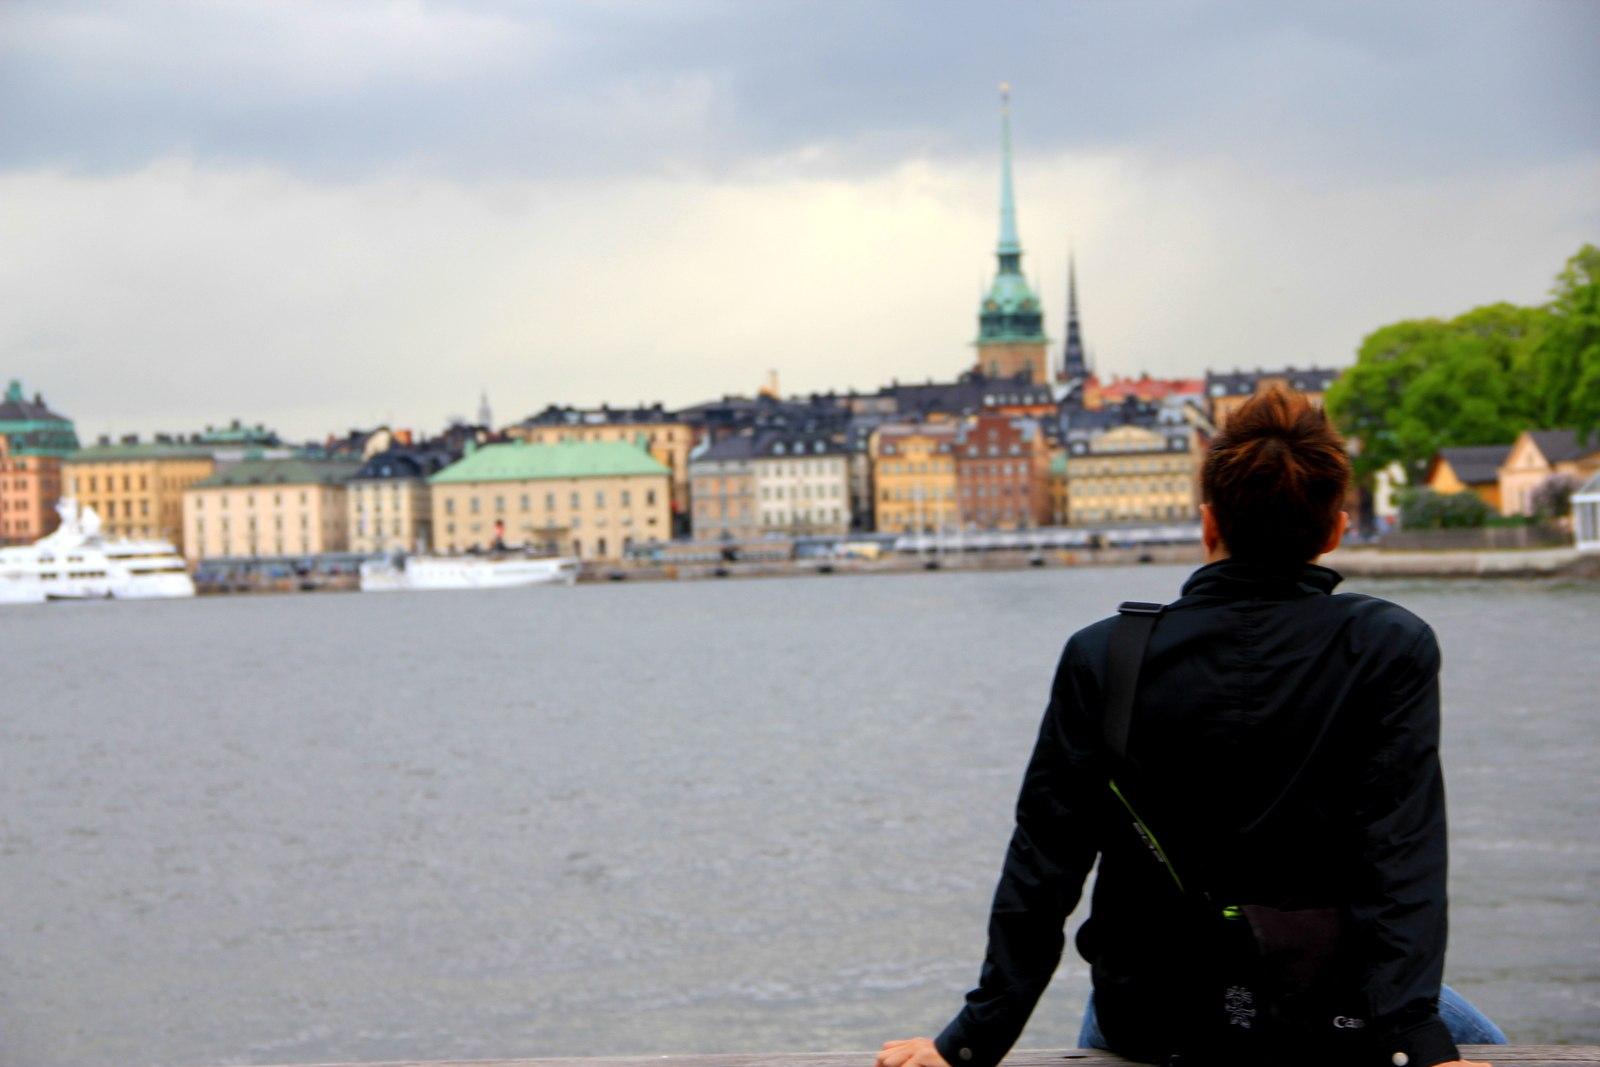 Solo Traveler @ Stockholm, Sweden